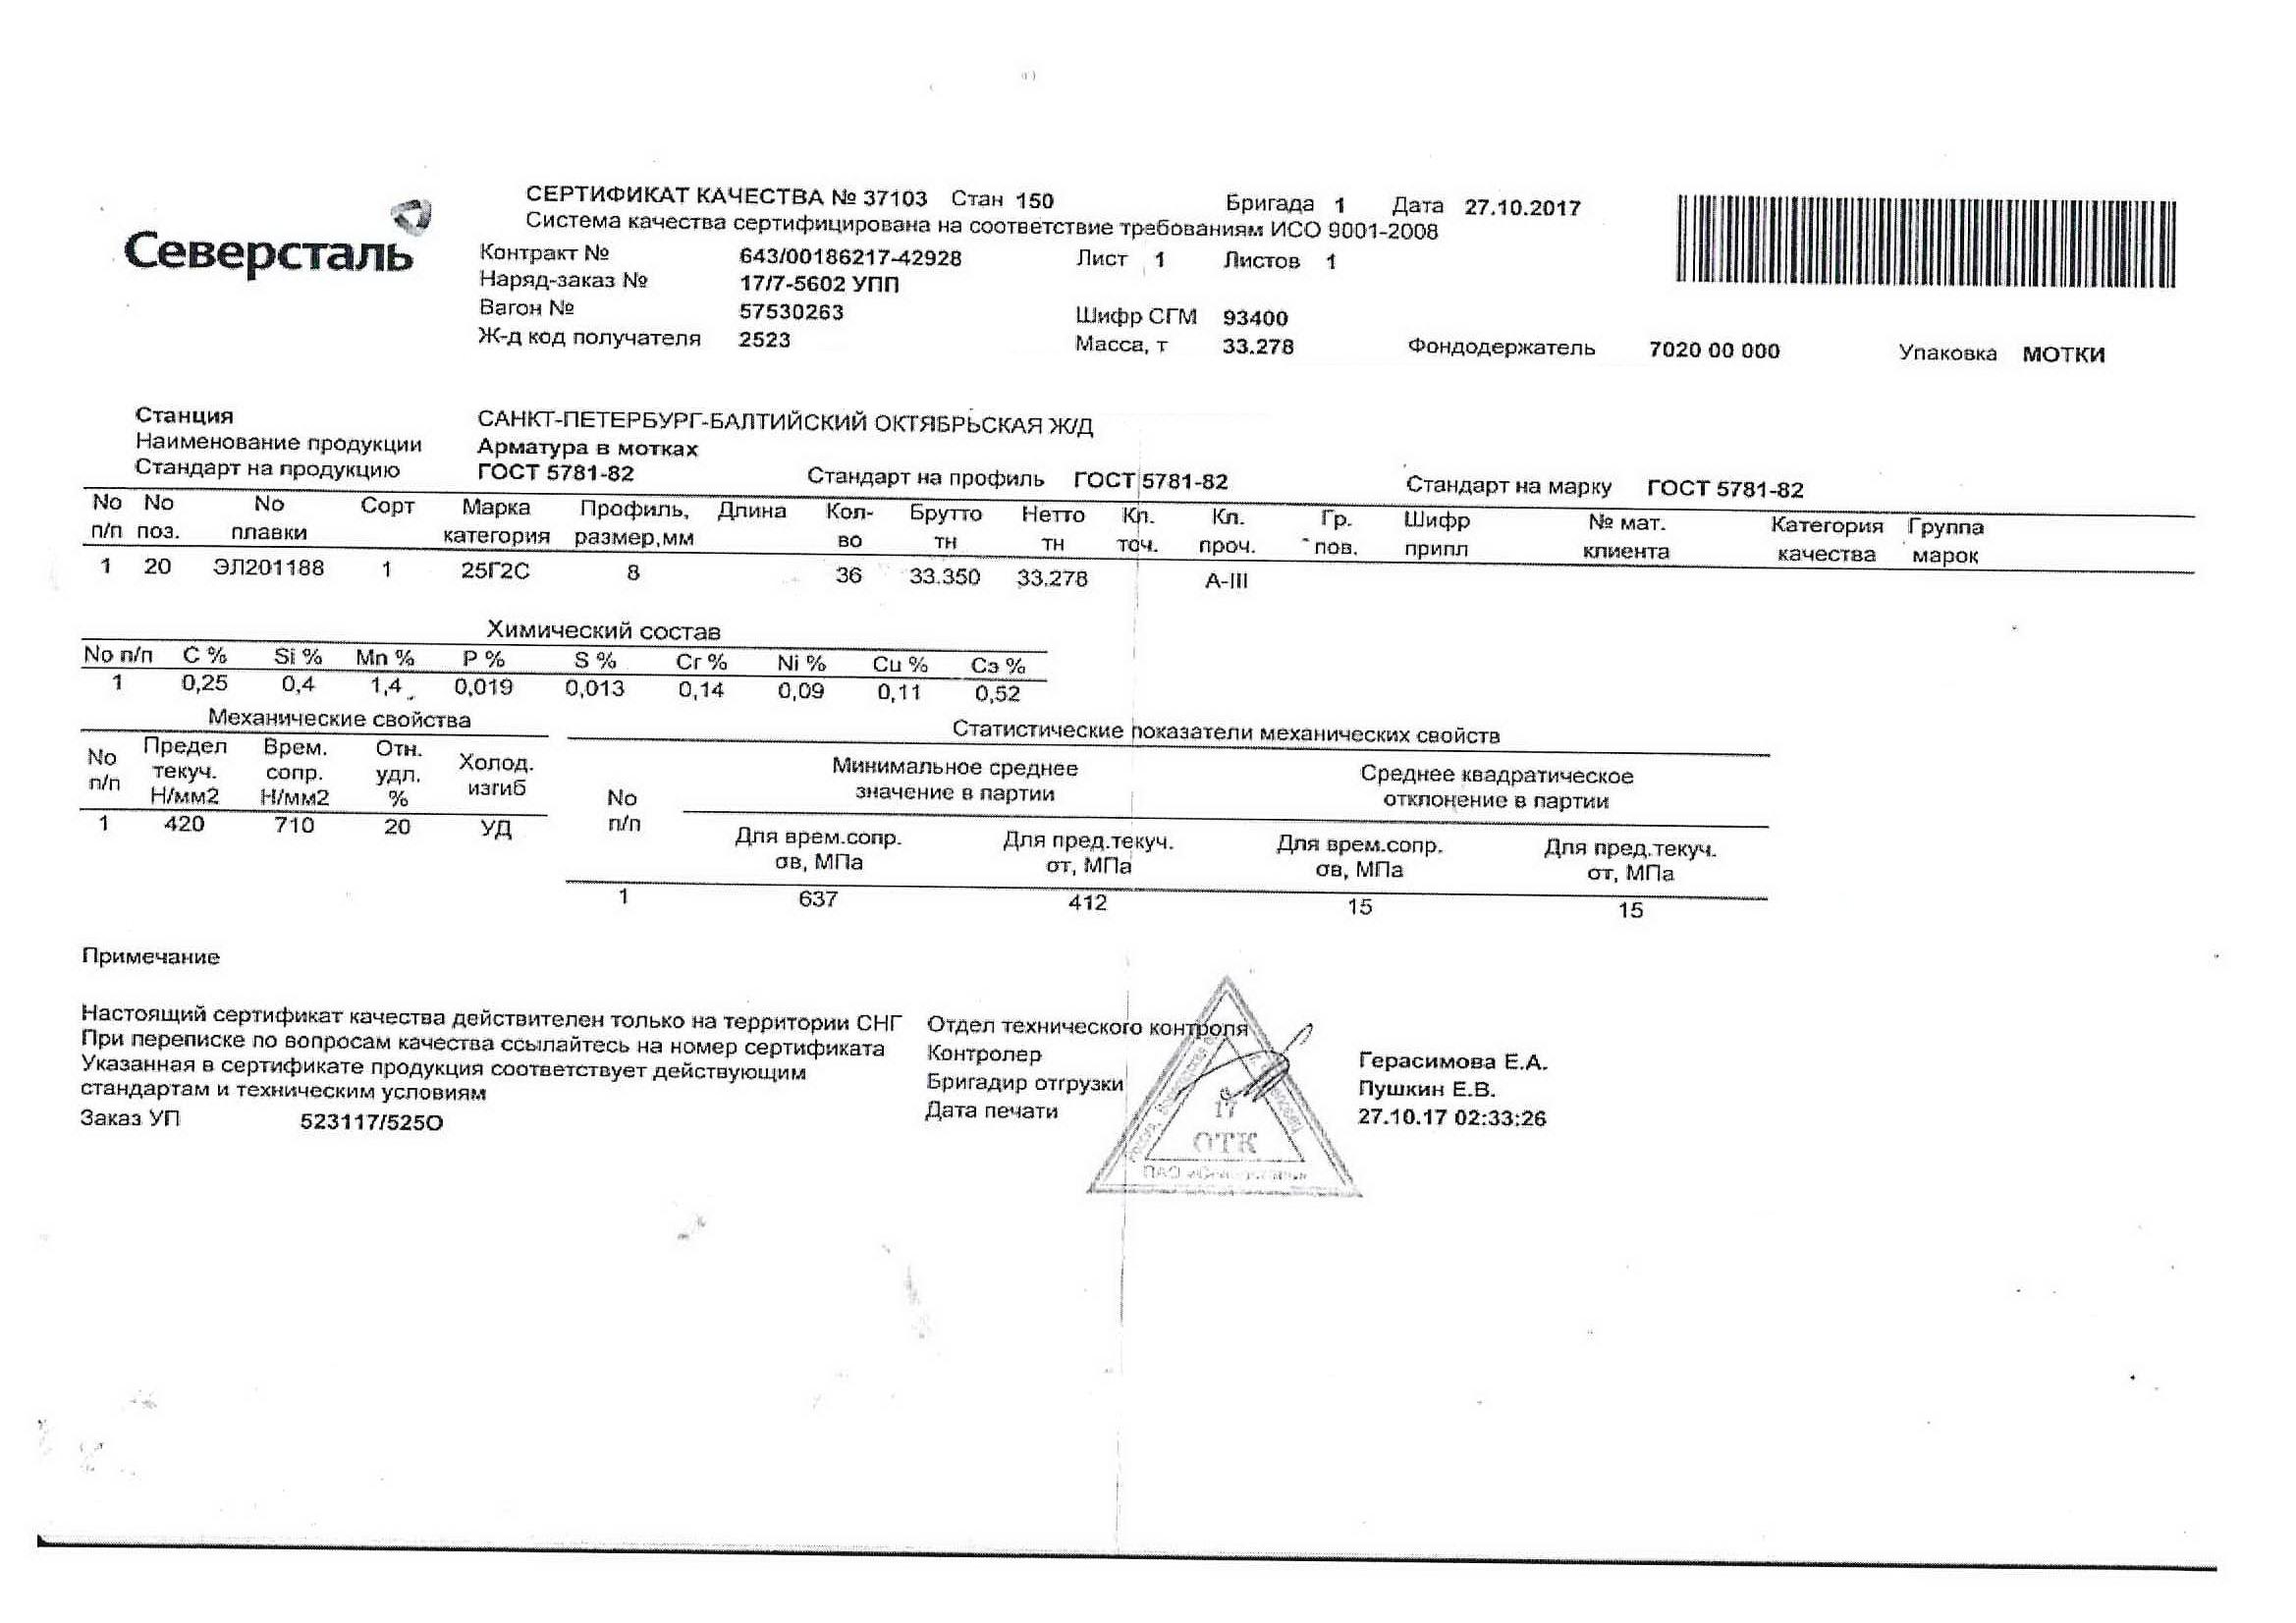 СЕРТИФИКАТ КАЧЕСТВА KZ0120-17 ЕВРАЗ АРМАТУРА СКАЧАТЬ БЕСПЛАТНО